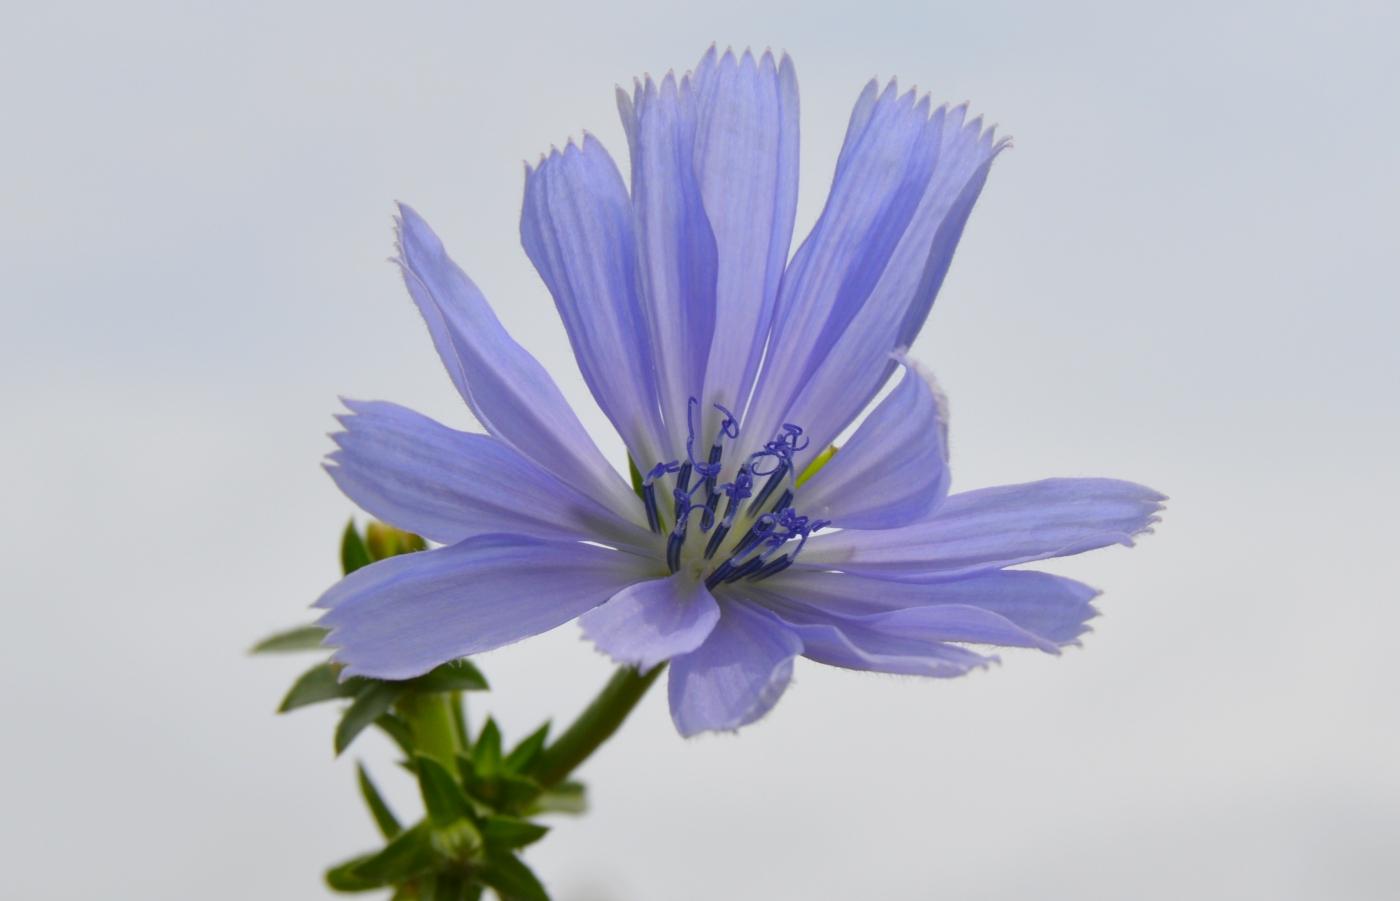 菊苣_图1-4